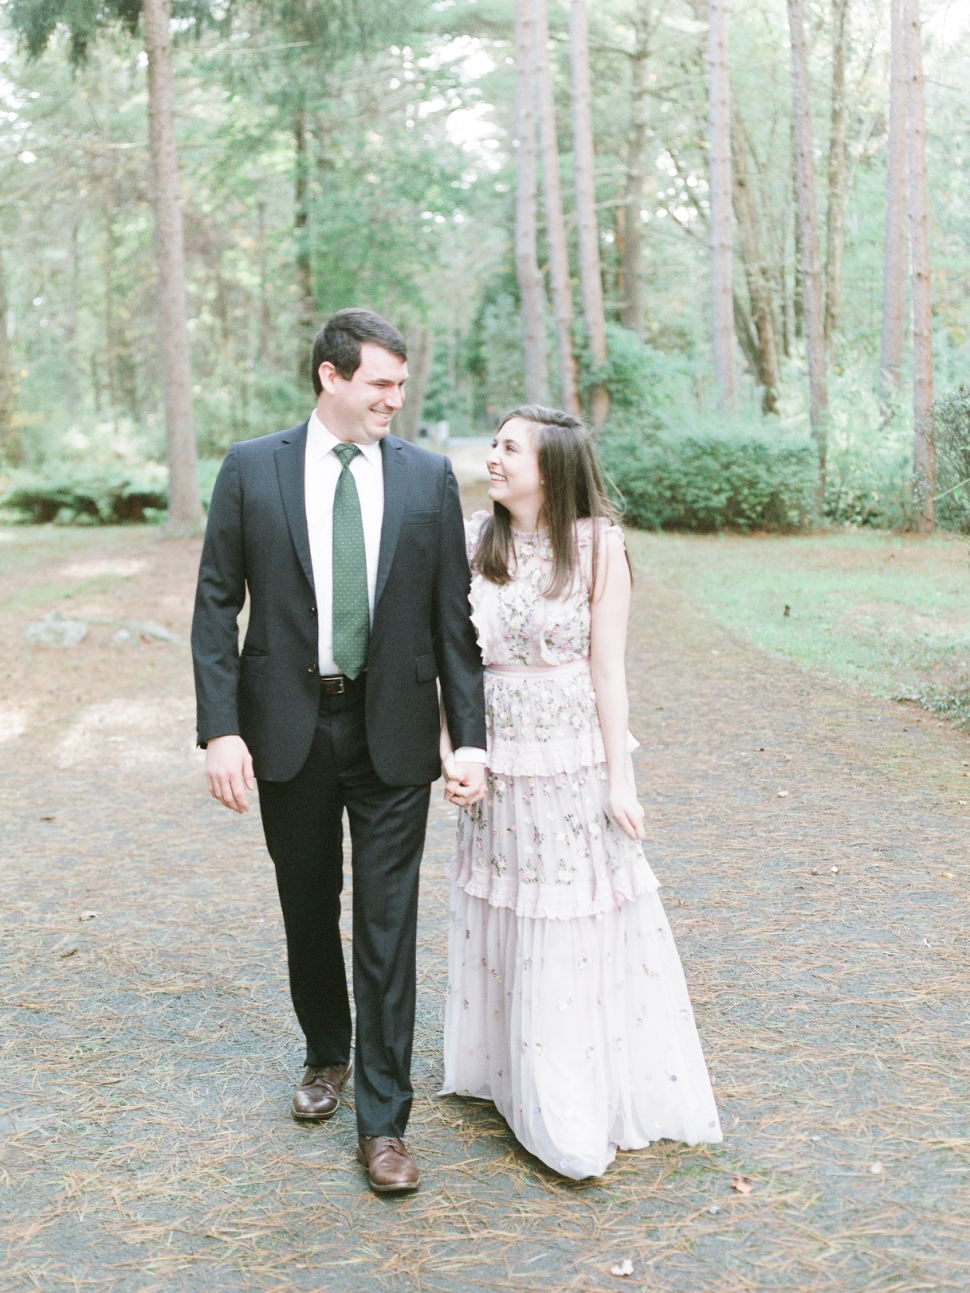 Poconos-Wedding-Photographer-Cassi-Claire-Poconos-Engagement-Photos_01.jpg